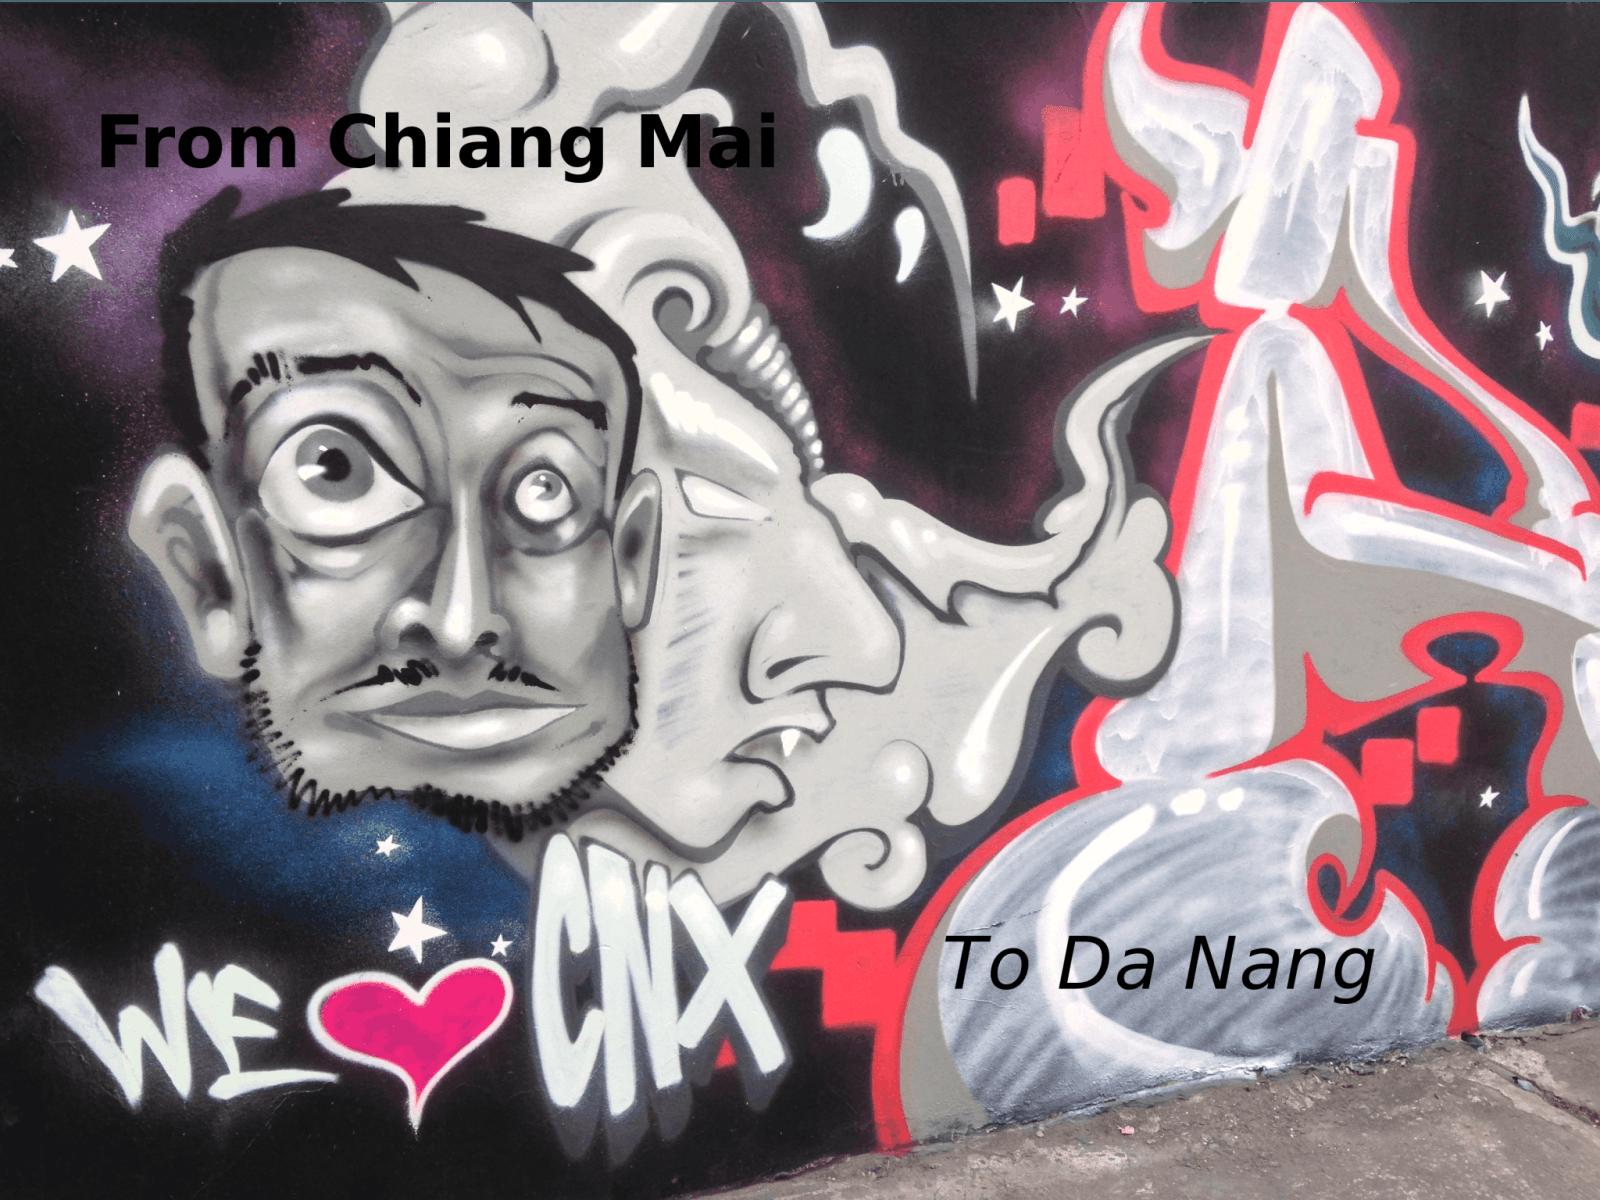 Heading from Chiang Mai to Da Nang, Vietnam ⋆ Flowing Firm